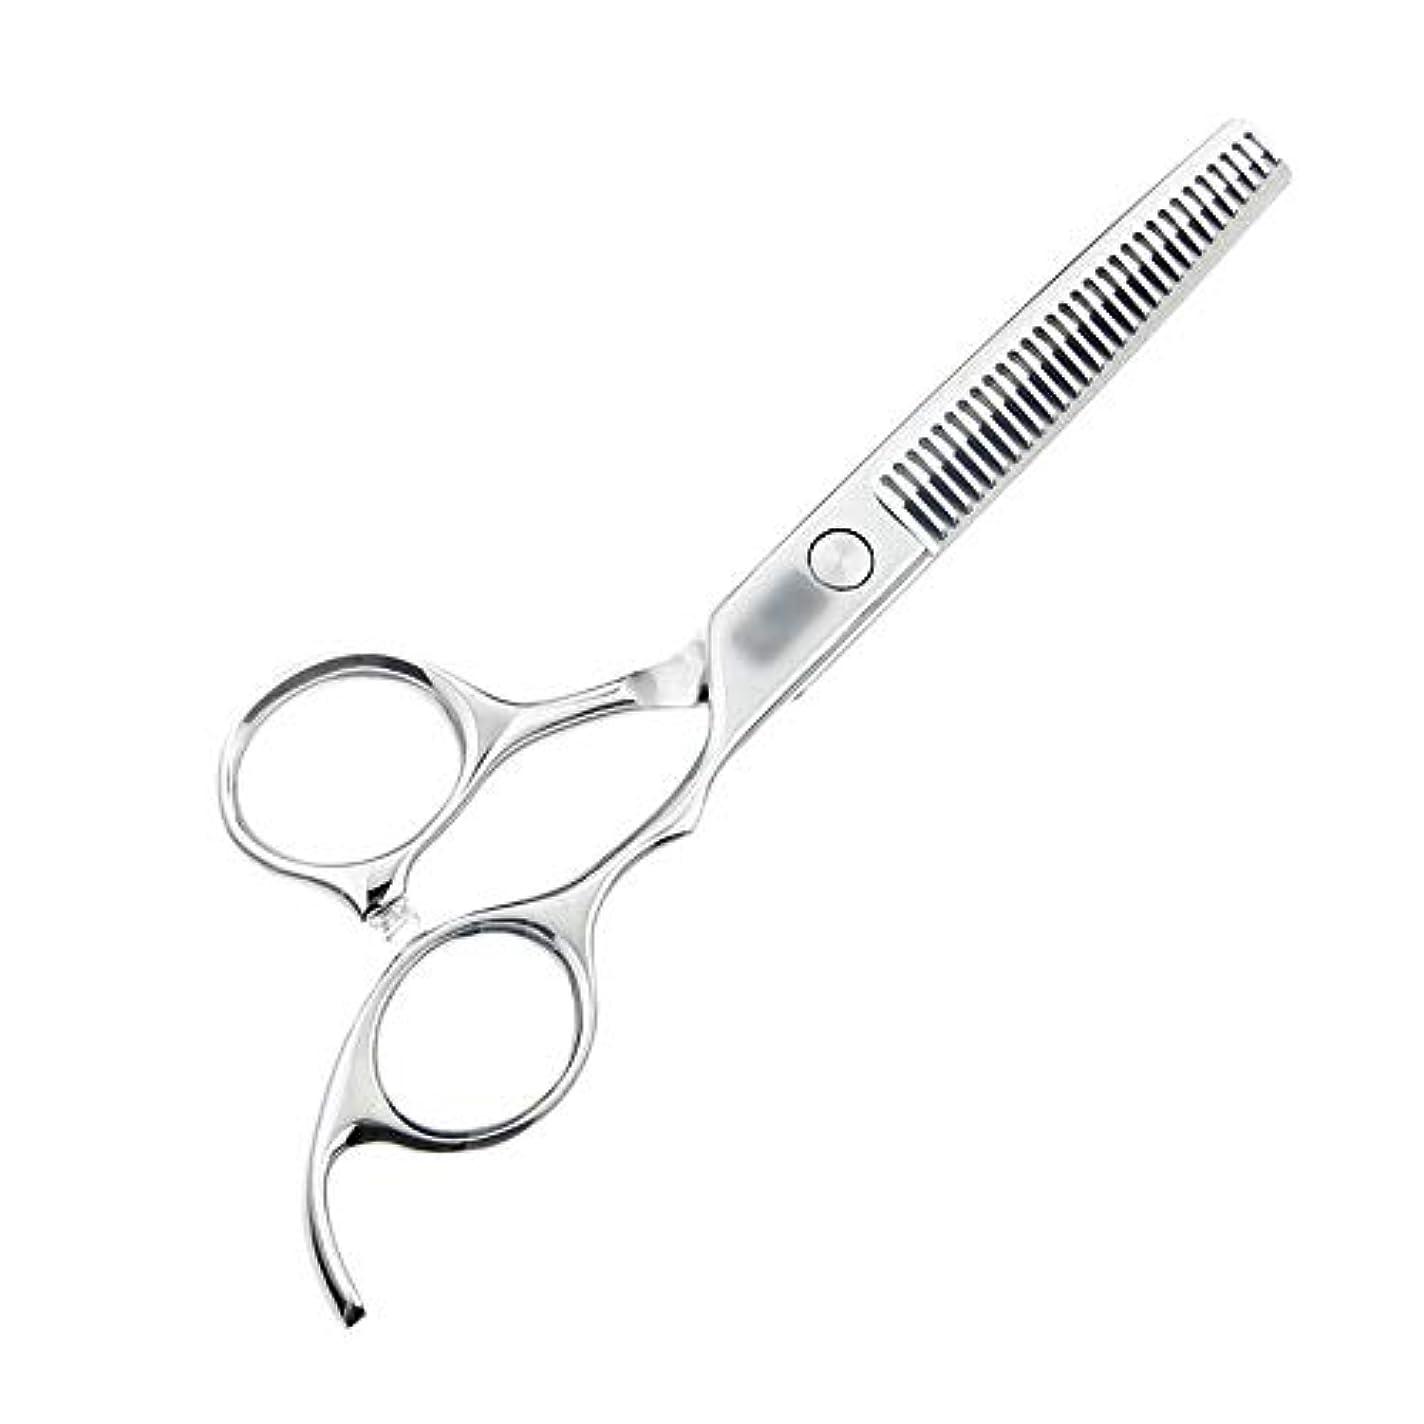 アクセシブル平野劣るJiaoran 6インチハイグレード440C理髪はさみ、歯の切断、間伐とカットの髪はさみ、美容院プロの理髪はさみ (Color : Silver)